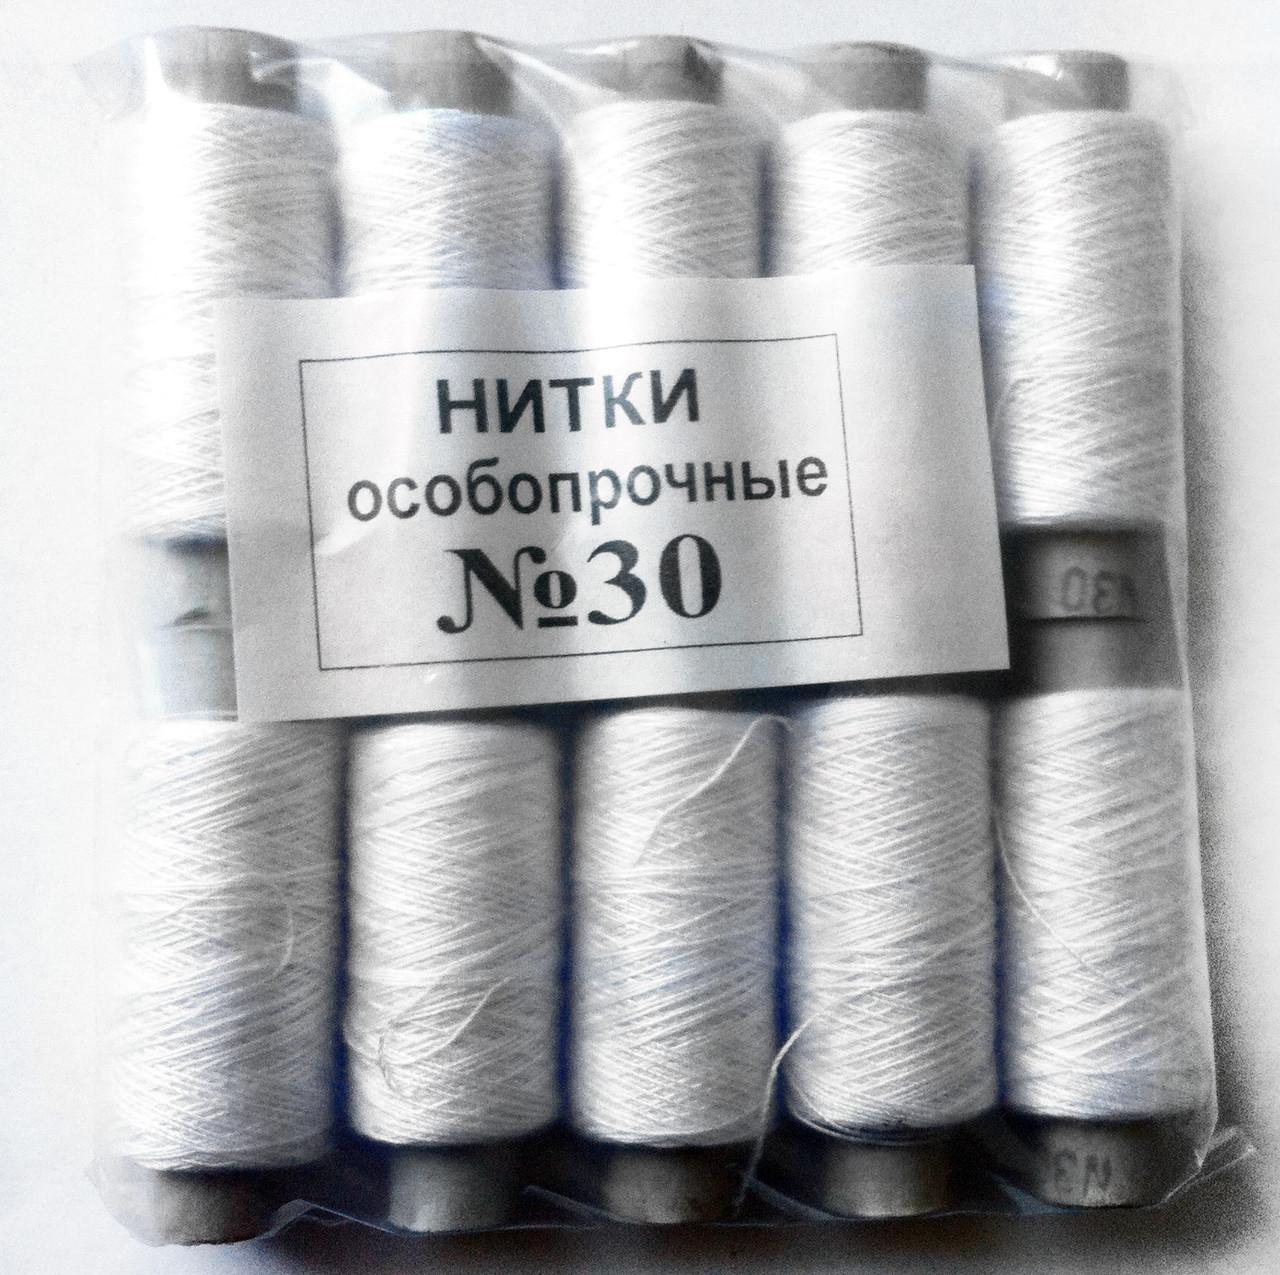 Нитки швейные 30, белые, Особопрочные